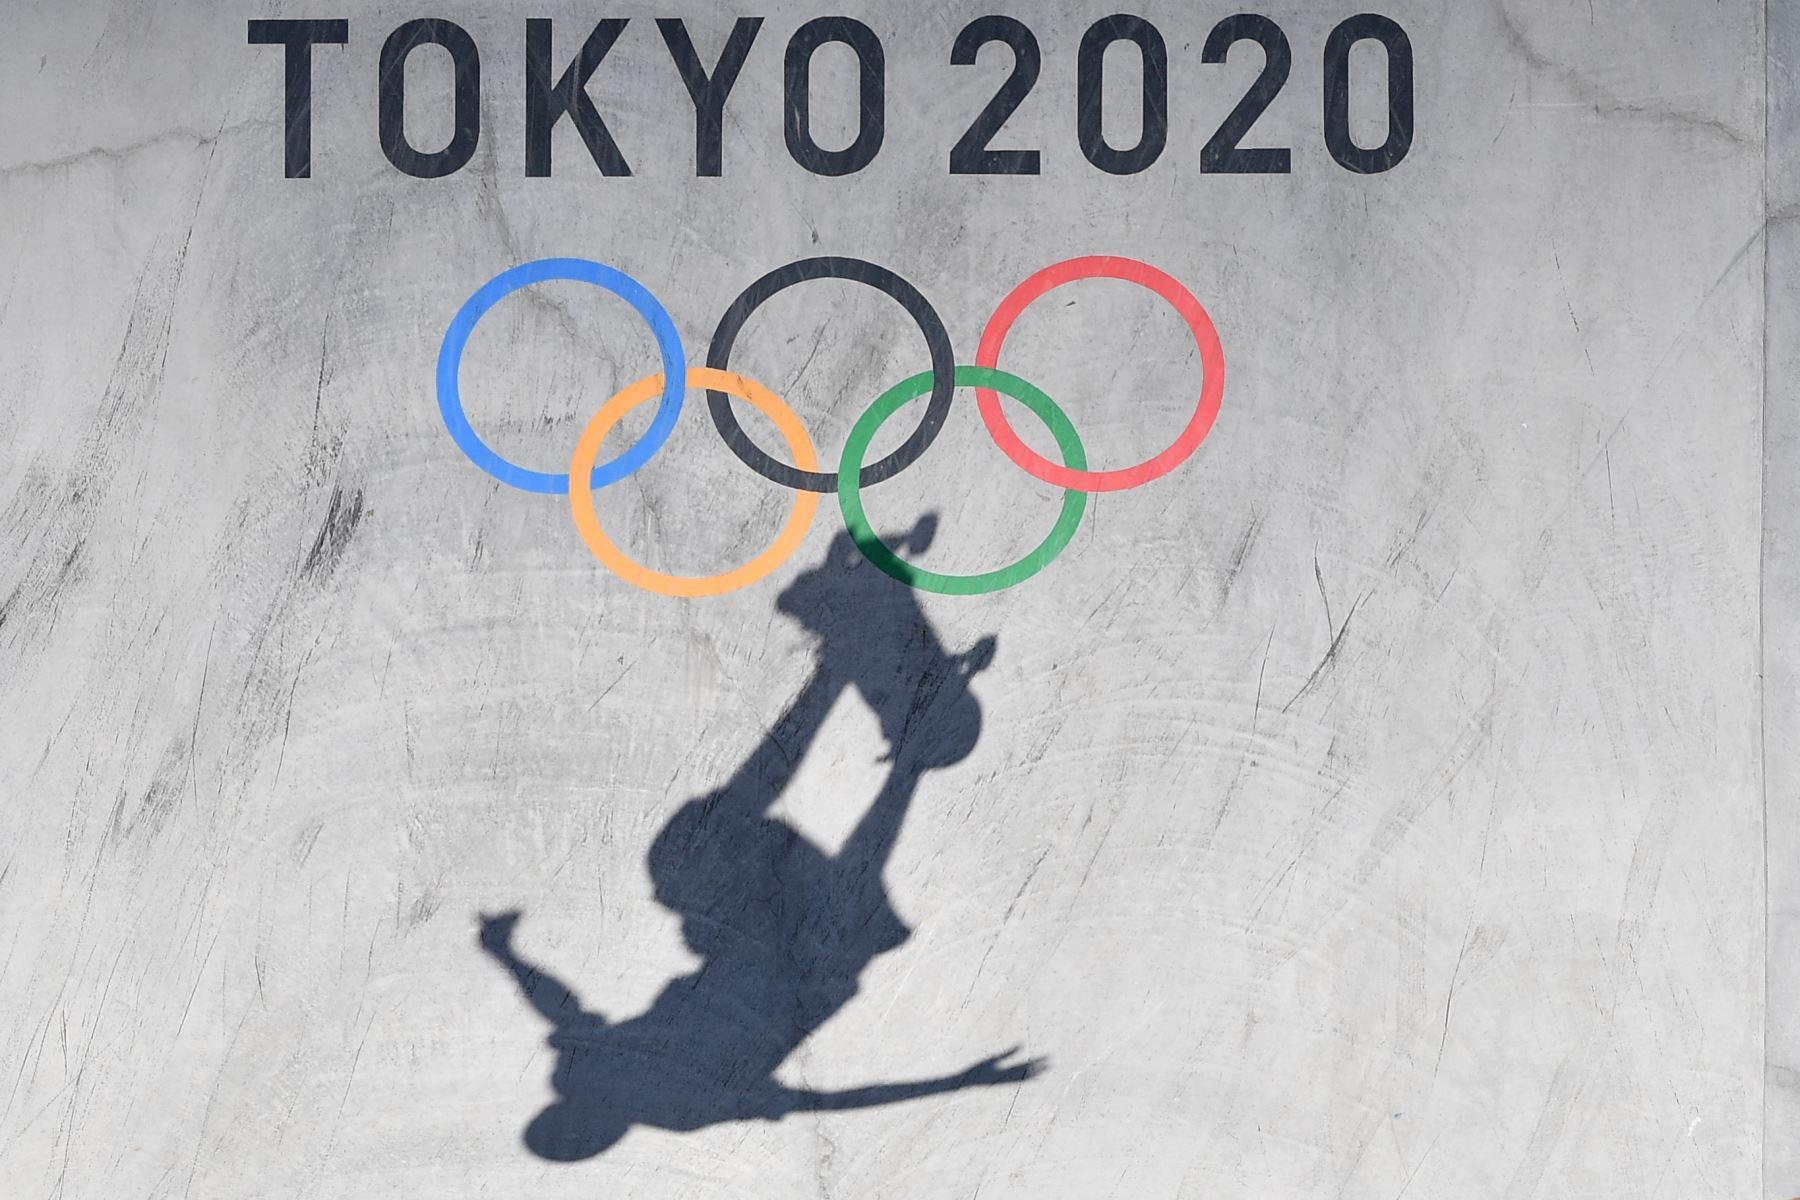 Un ciclista compite en las eliminatorias del parque masculino durante los Juegos Olímpicos de Tokio 2020 en Ariake Sports Park Skateboarding en Tokio. Foto: AFP